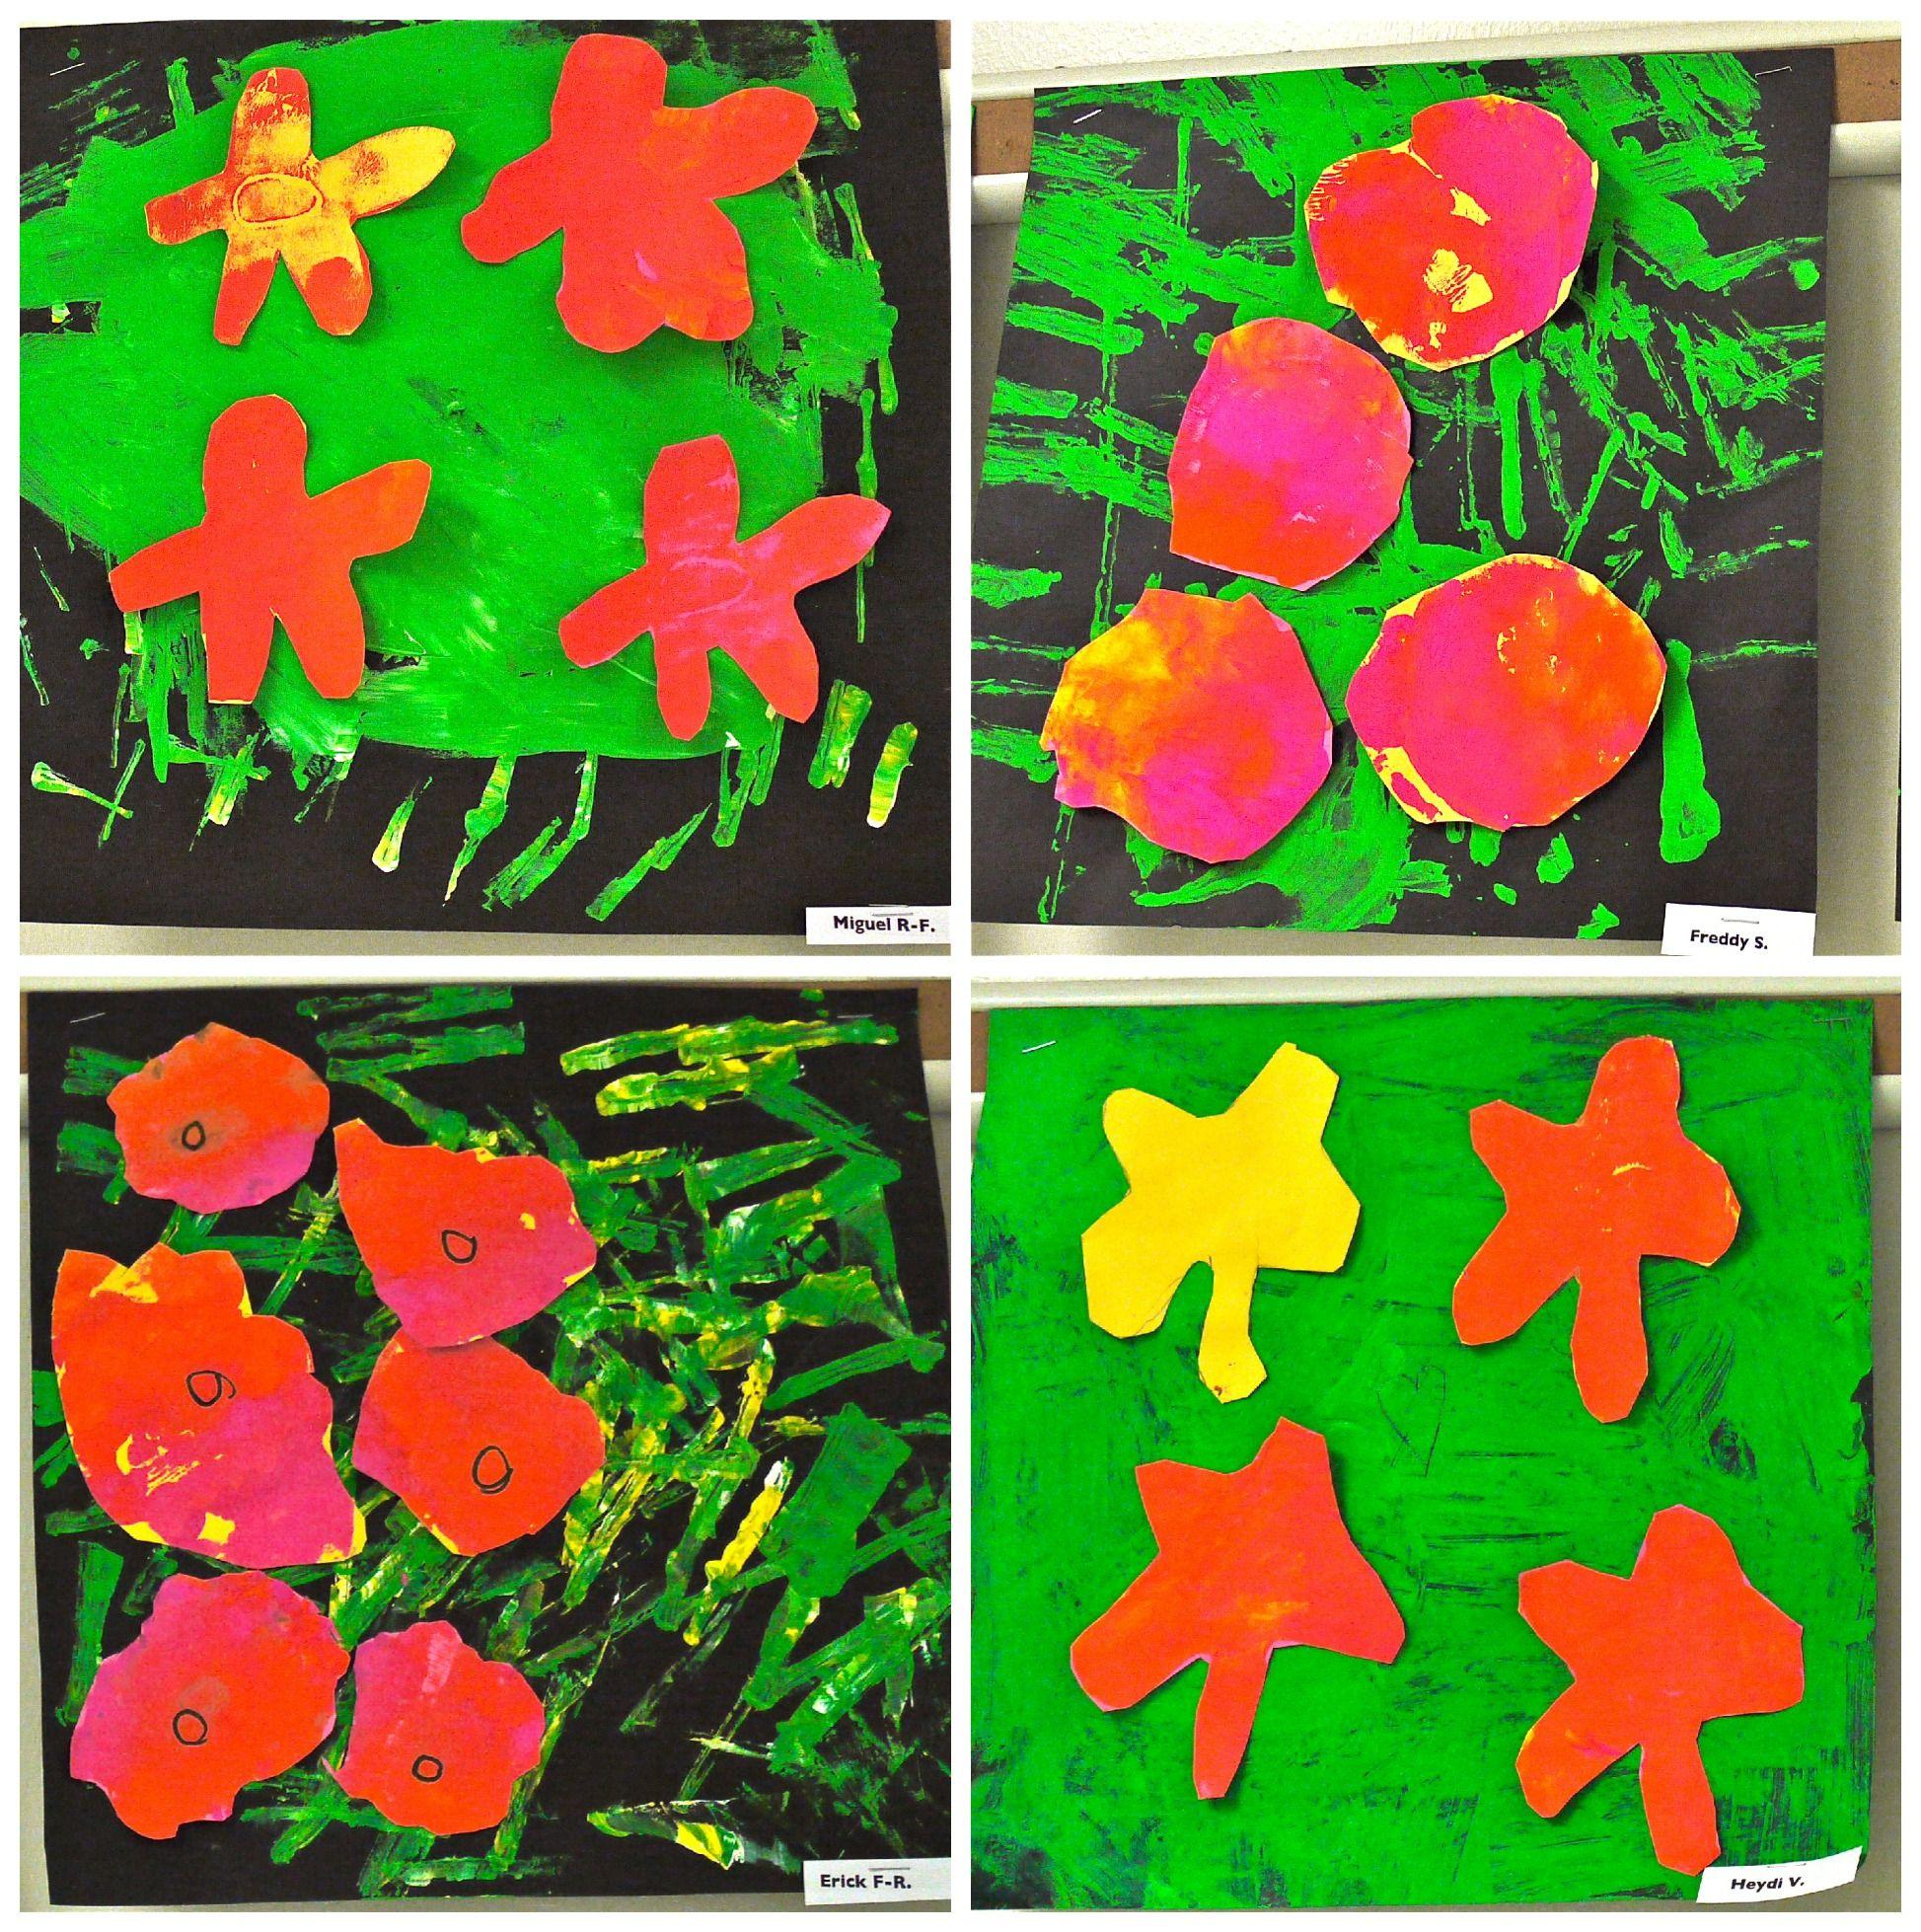 K WARHOL FLOWER PRINTS | Warhol, Flower prints and Flower